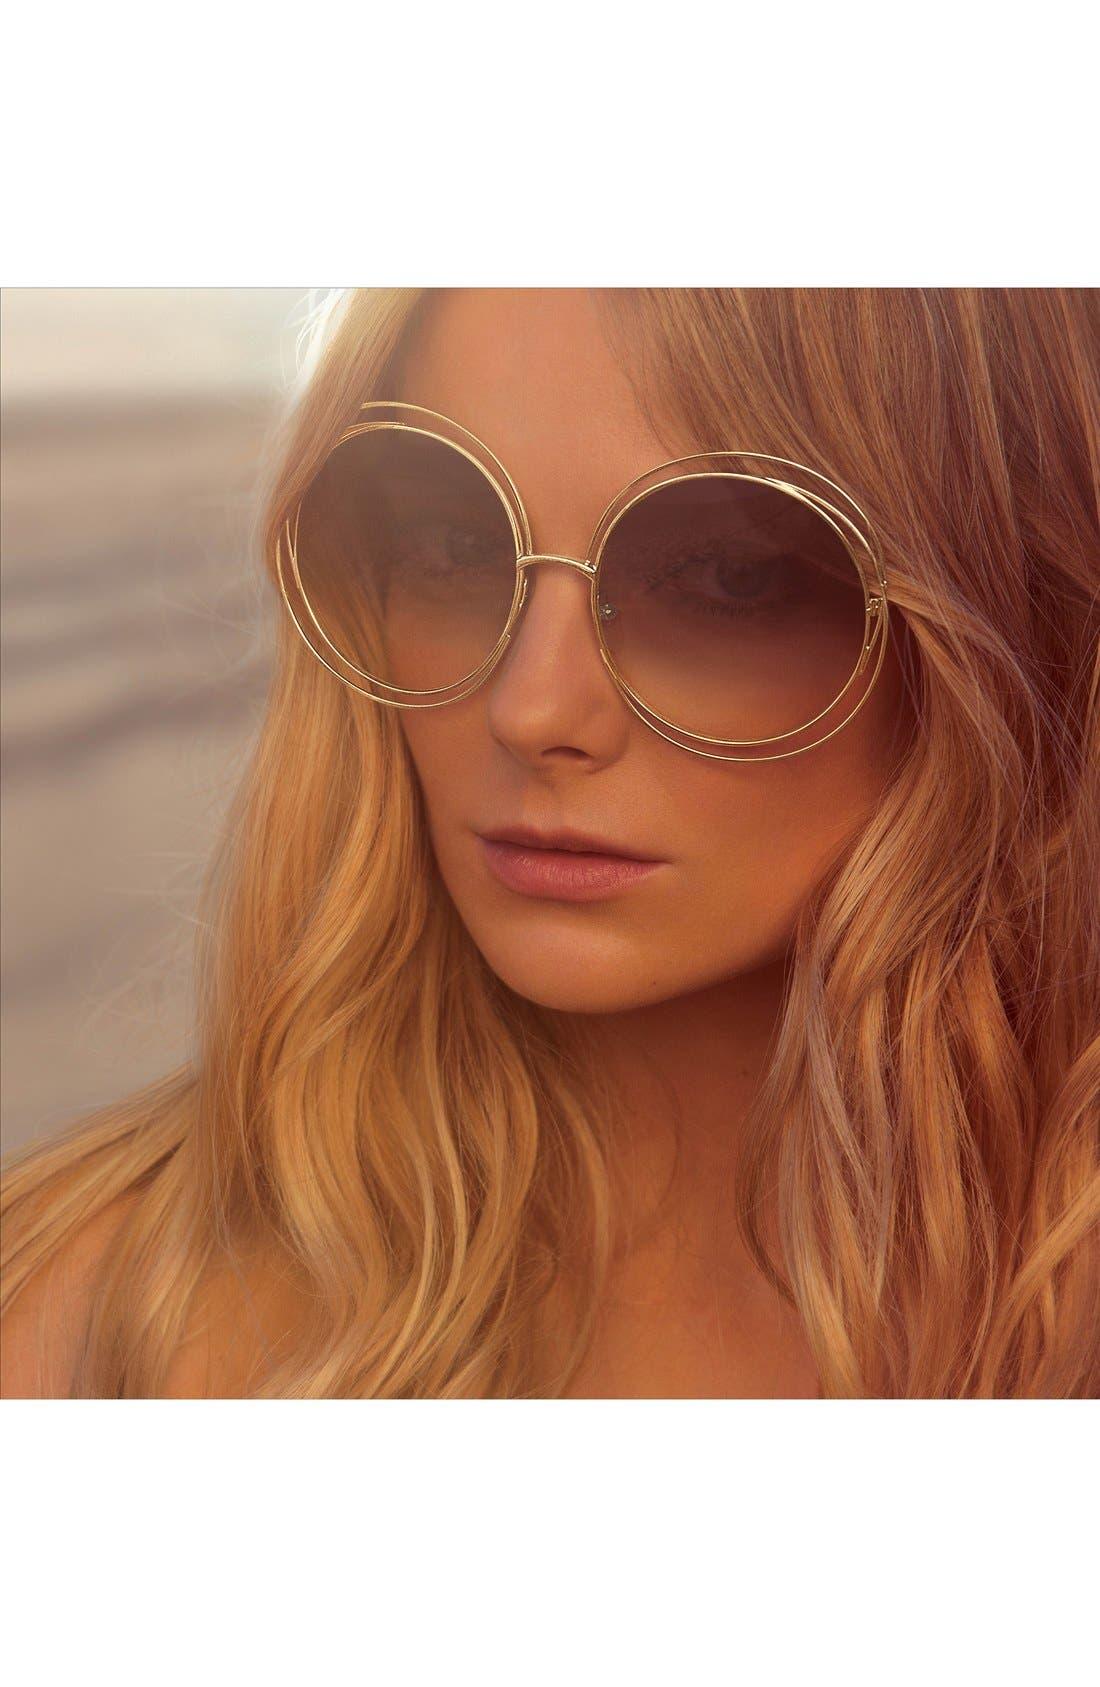 CHLOÉ,                             62mm Oversize Sunglasses,                             Alternate thumbnail 3, color,                             GOLD/ TRANSPARENT PEACH